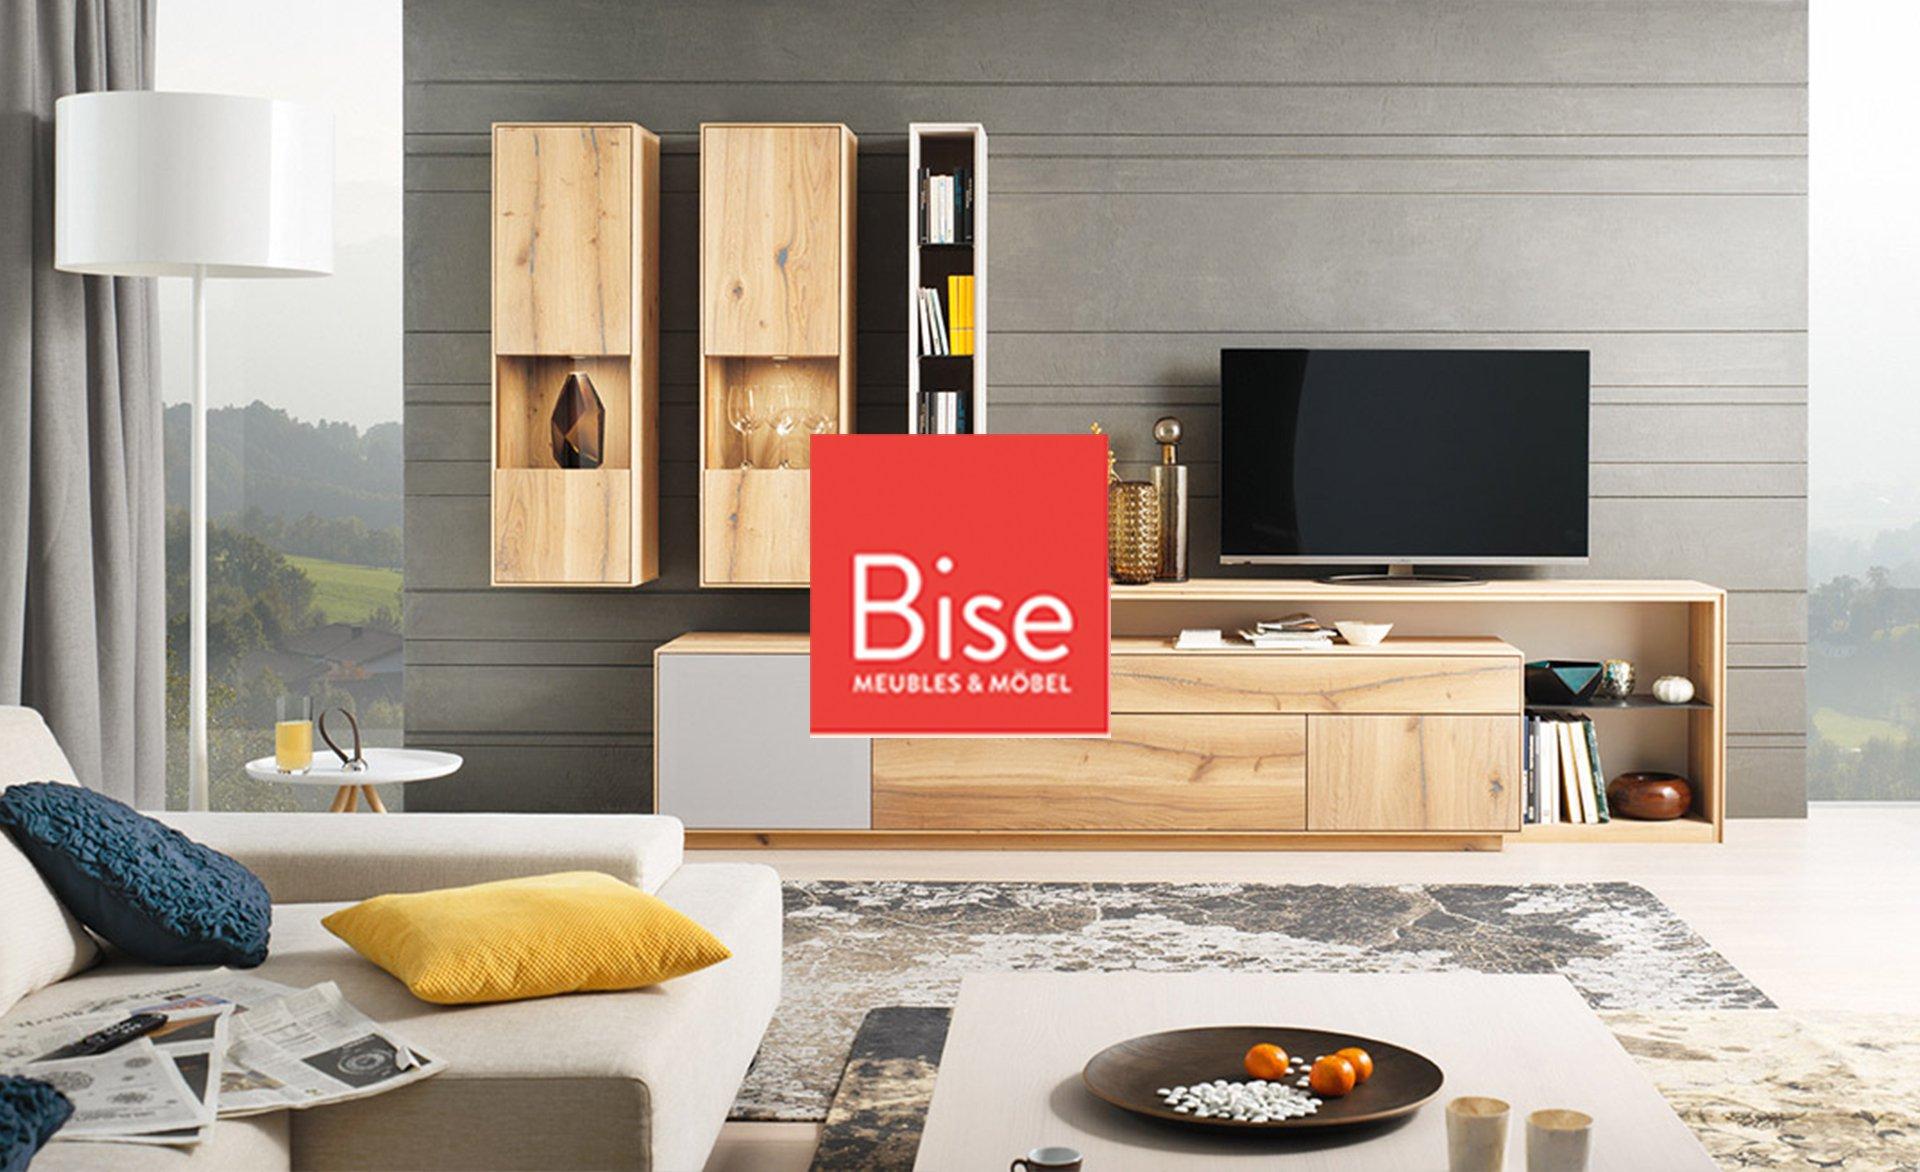 Meubles Bureau Fribourg : Meubles bise magasin de meuble mobilier fribourg bulle